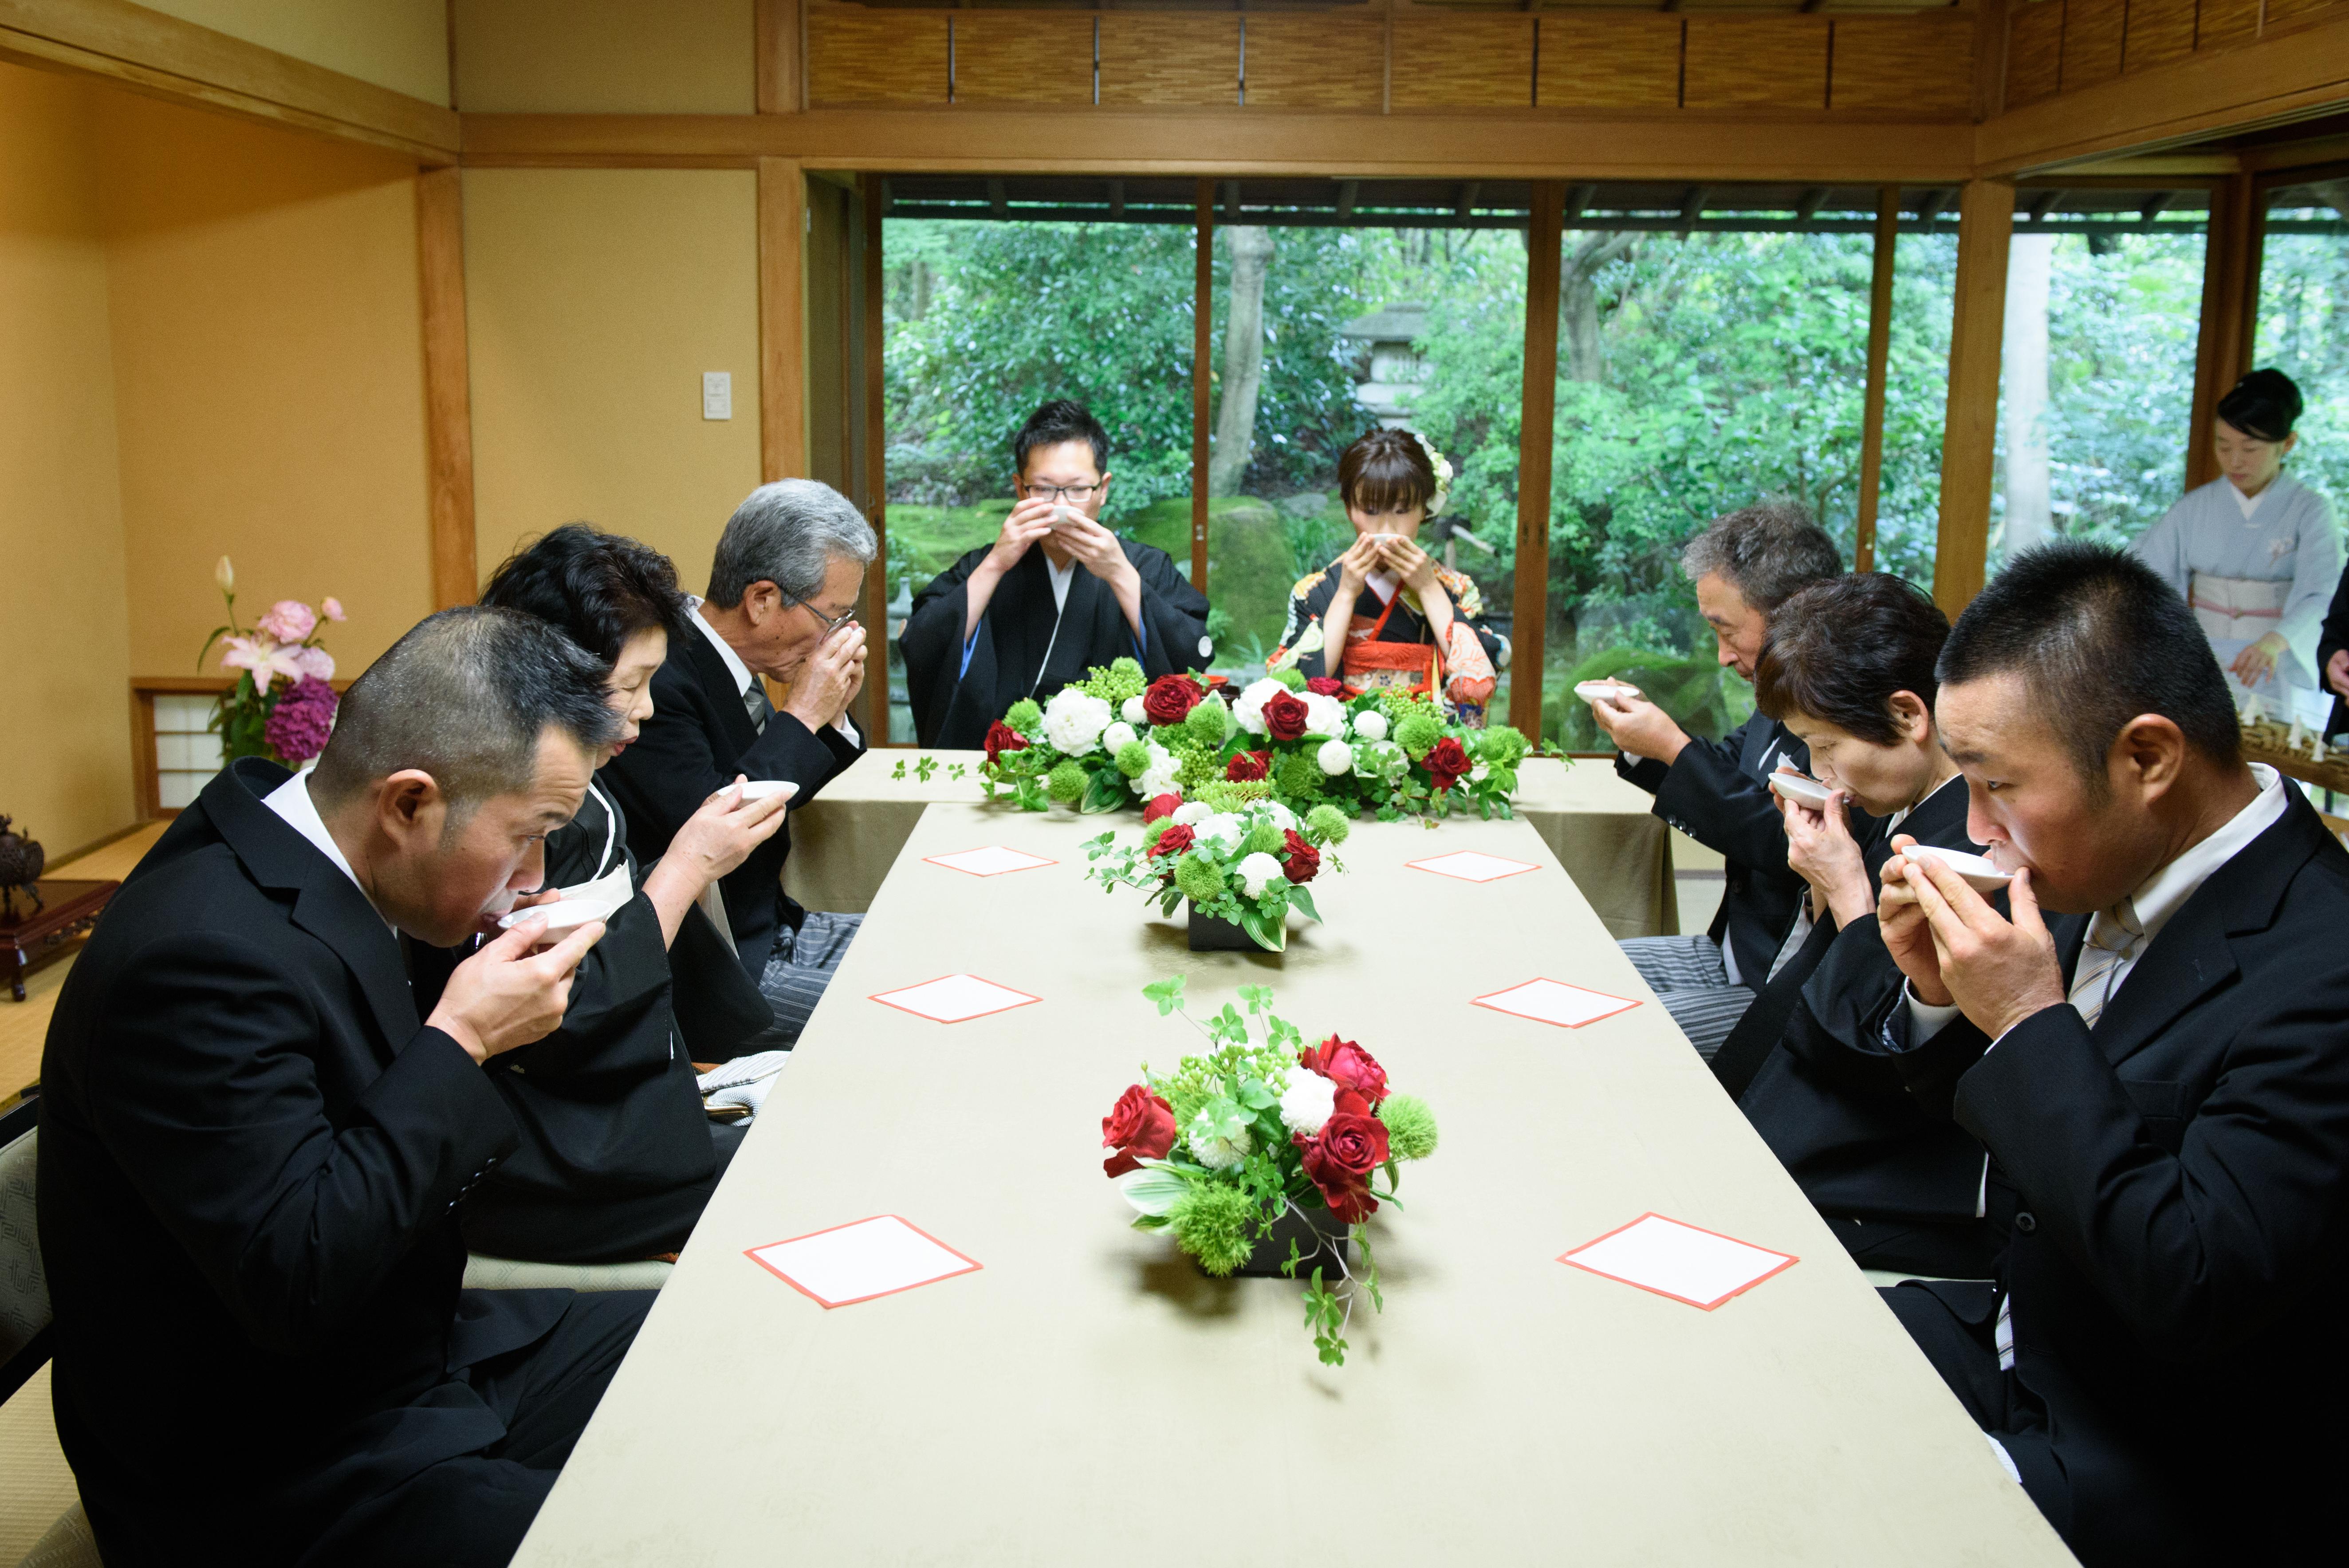 奈良料亭結婚式